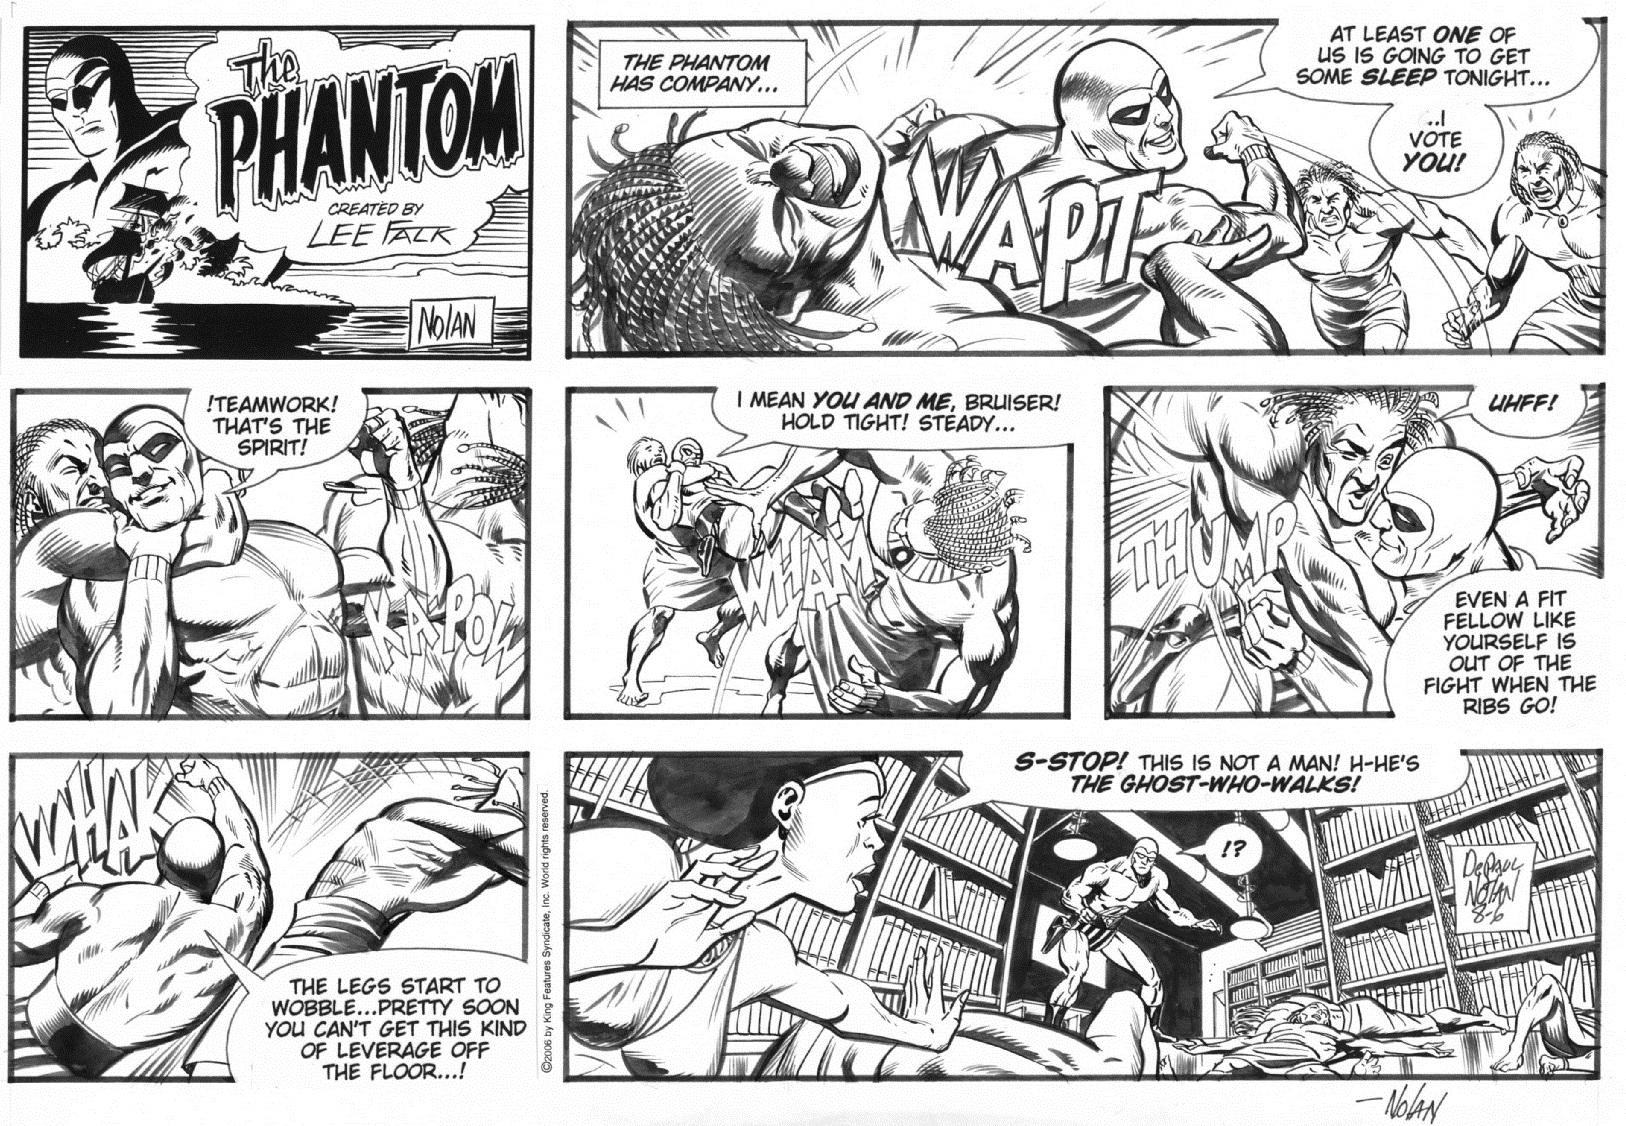 Un vistazo al trabajo de Nolan en The Phantom, previo a la aplicación del color.